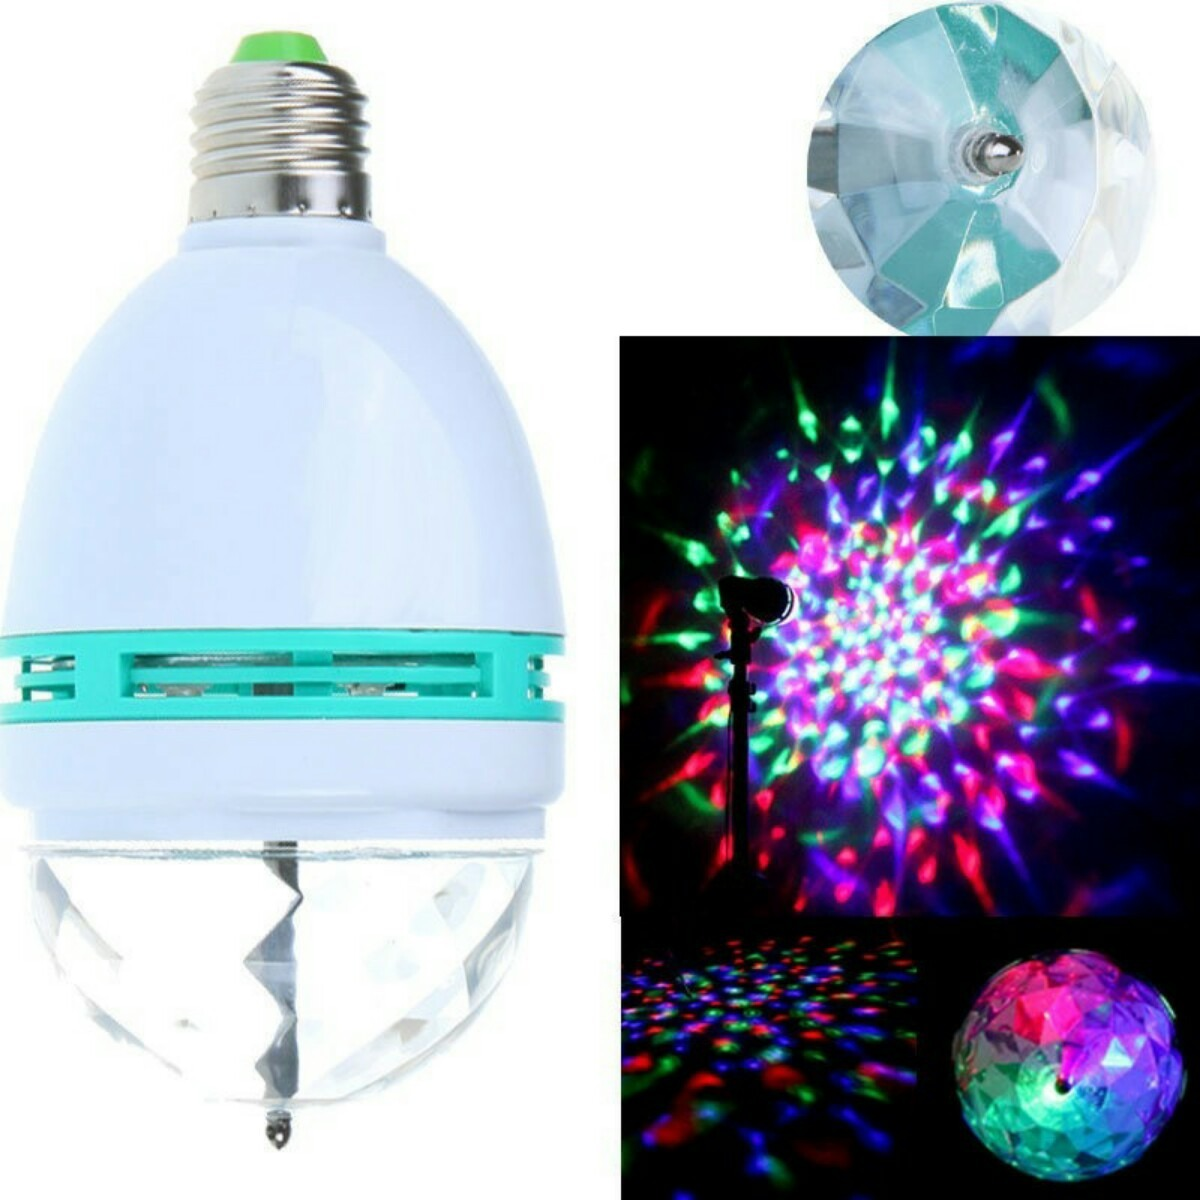 lampadas para decoracao de festas ? Doitri.com